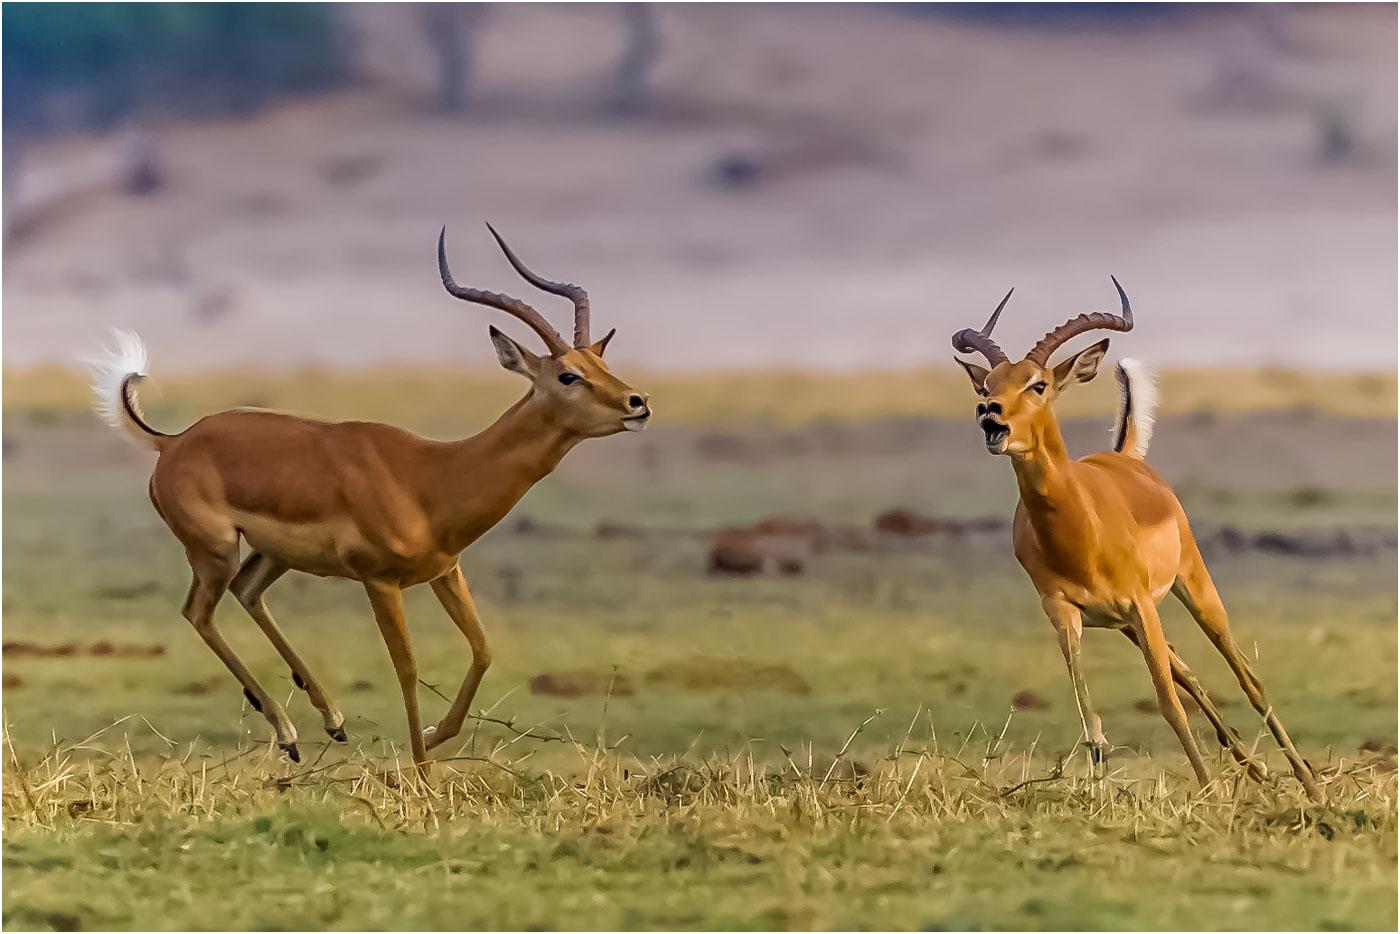 Impala at Play